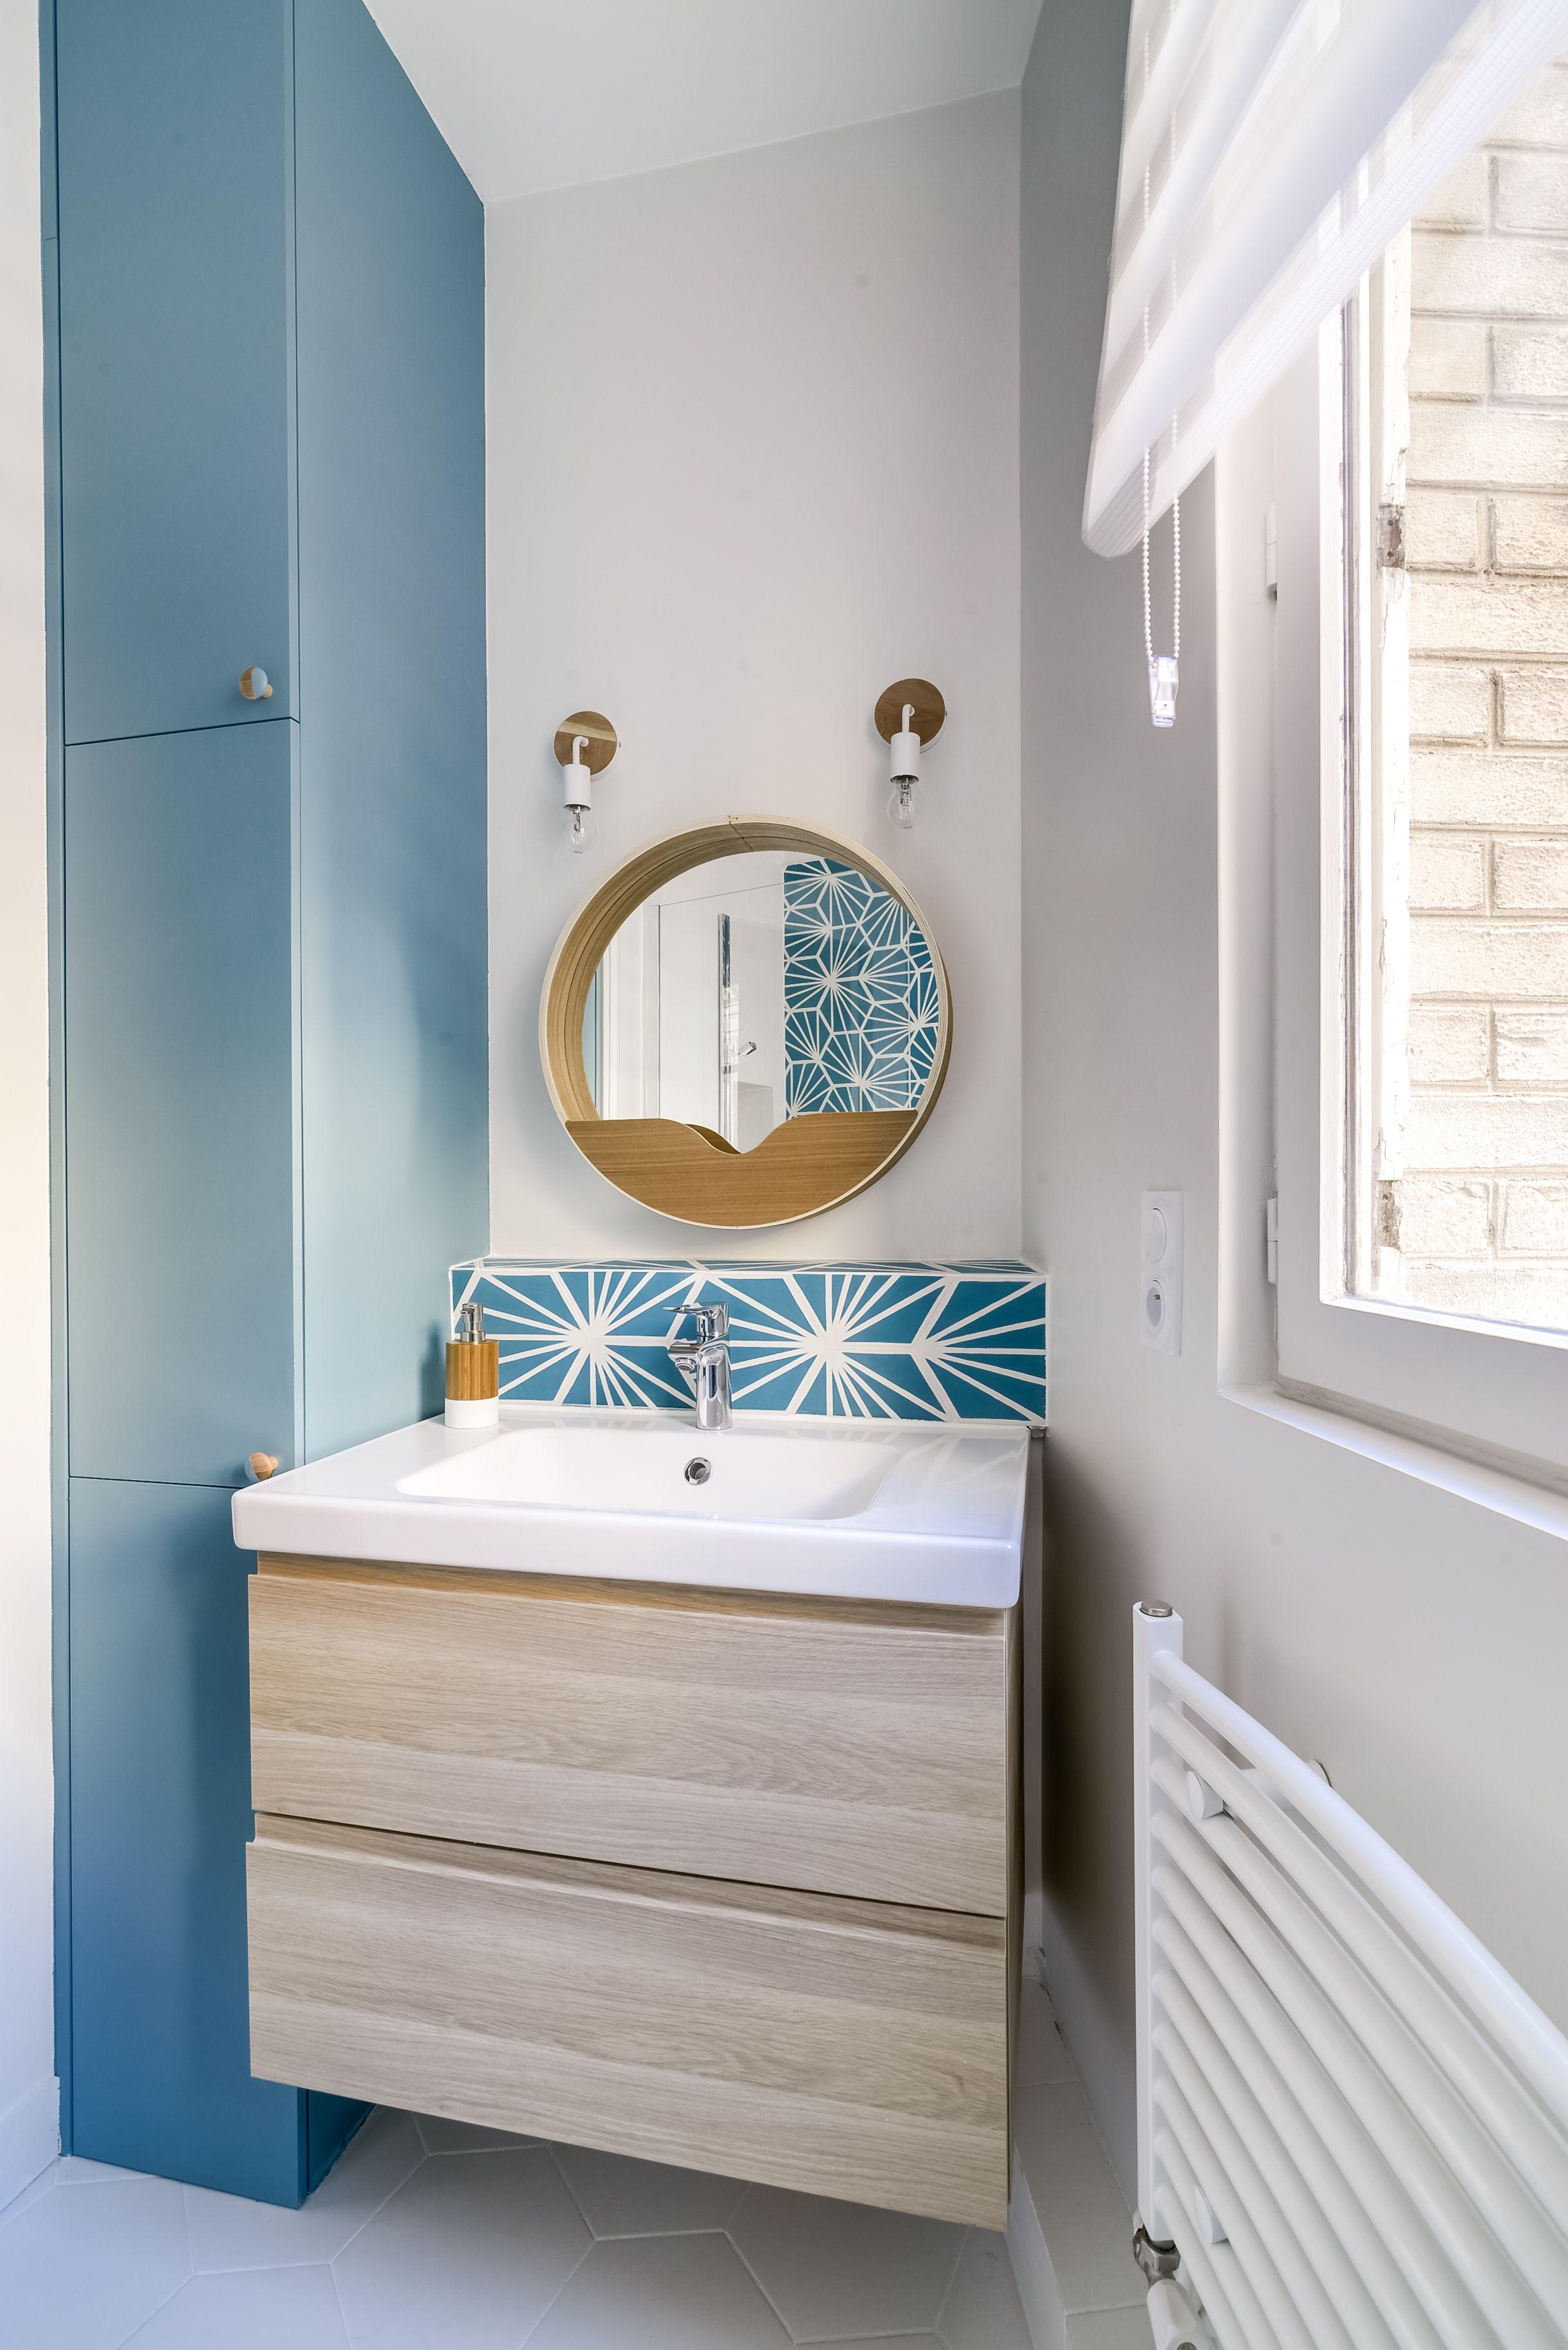 Epingle Par Mark Evich Sur Bathroom En 2020 Meuble Vasque Ikea Meuble Vasque Bois Et Meuble Salle De Bain